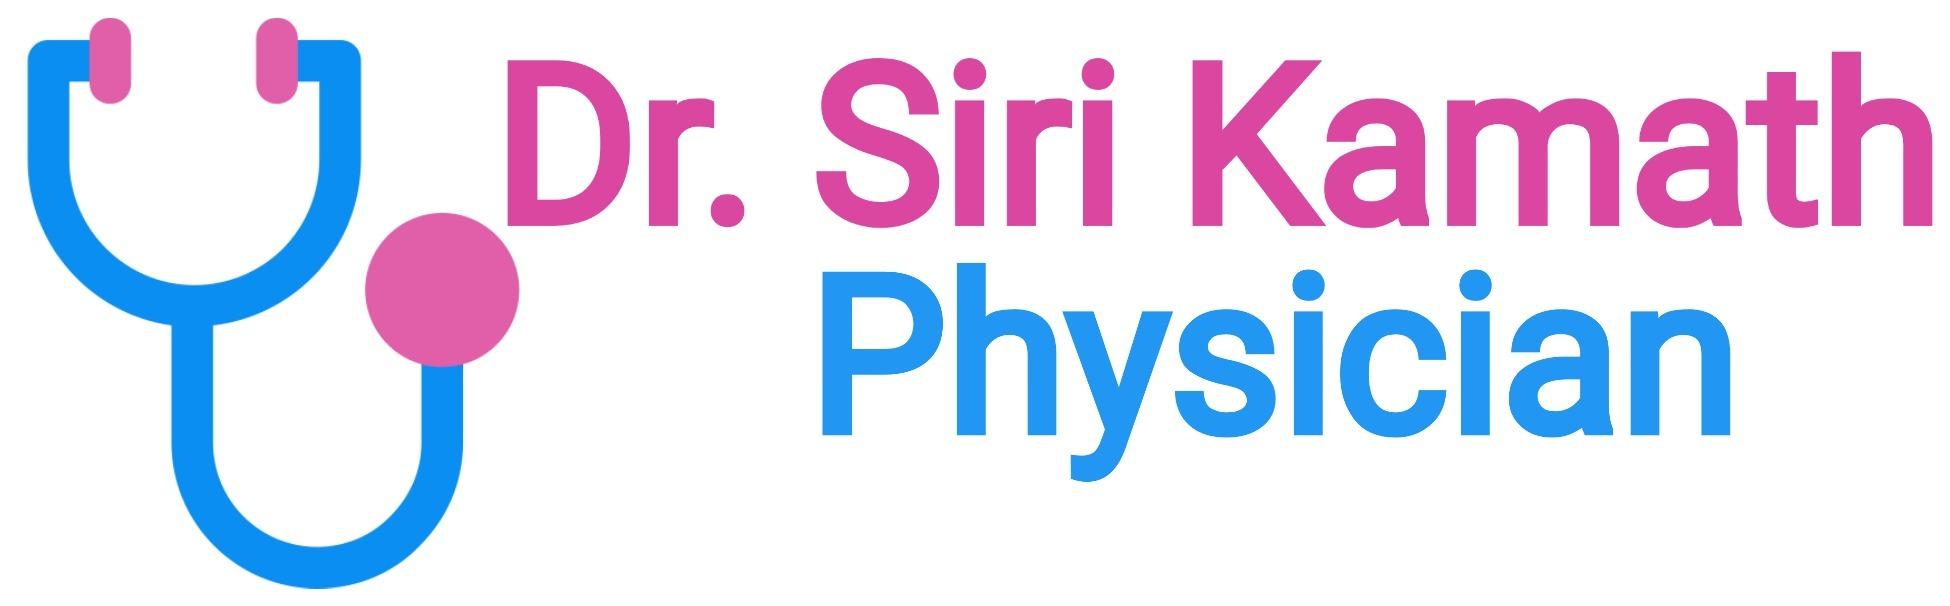 Dr. Siri Kamath (@drsirikamath) Cover Image